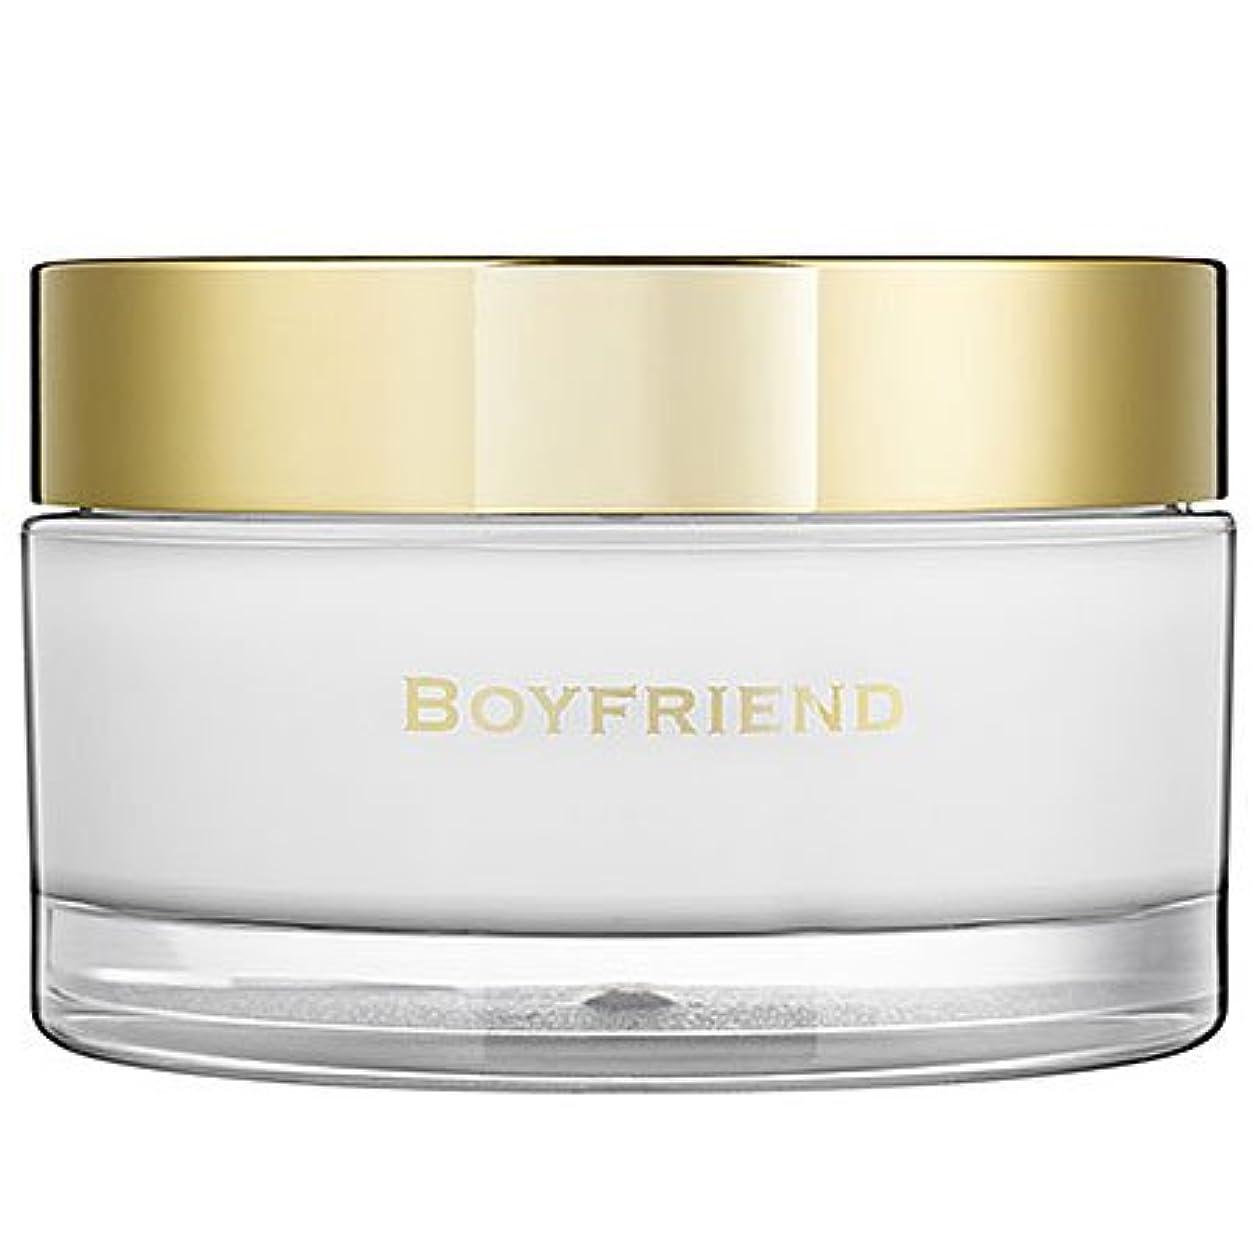 追記発動機窒息させるBoyfriend (ボーイフレンド) 6.7 oz (200ml) Body Cream by Kate Walsh for Women